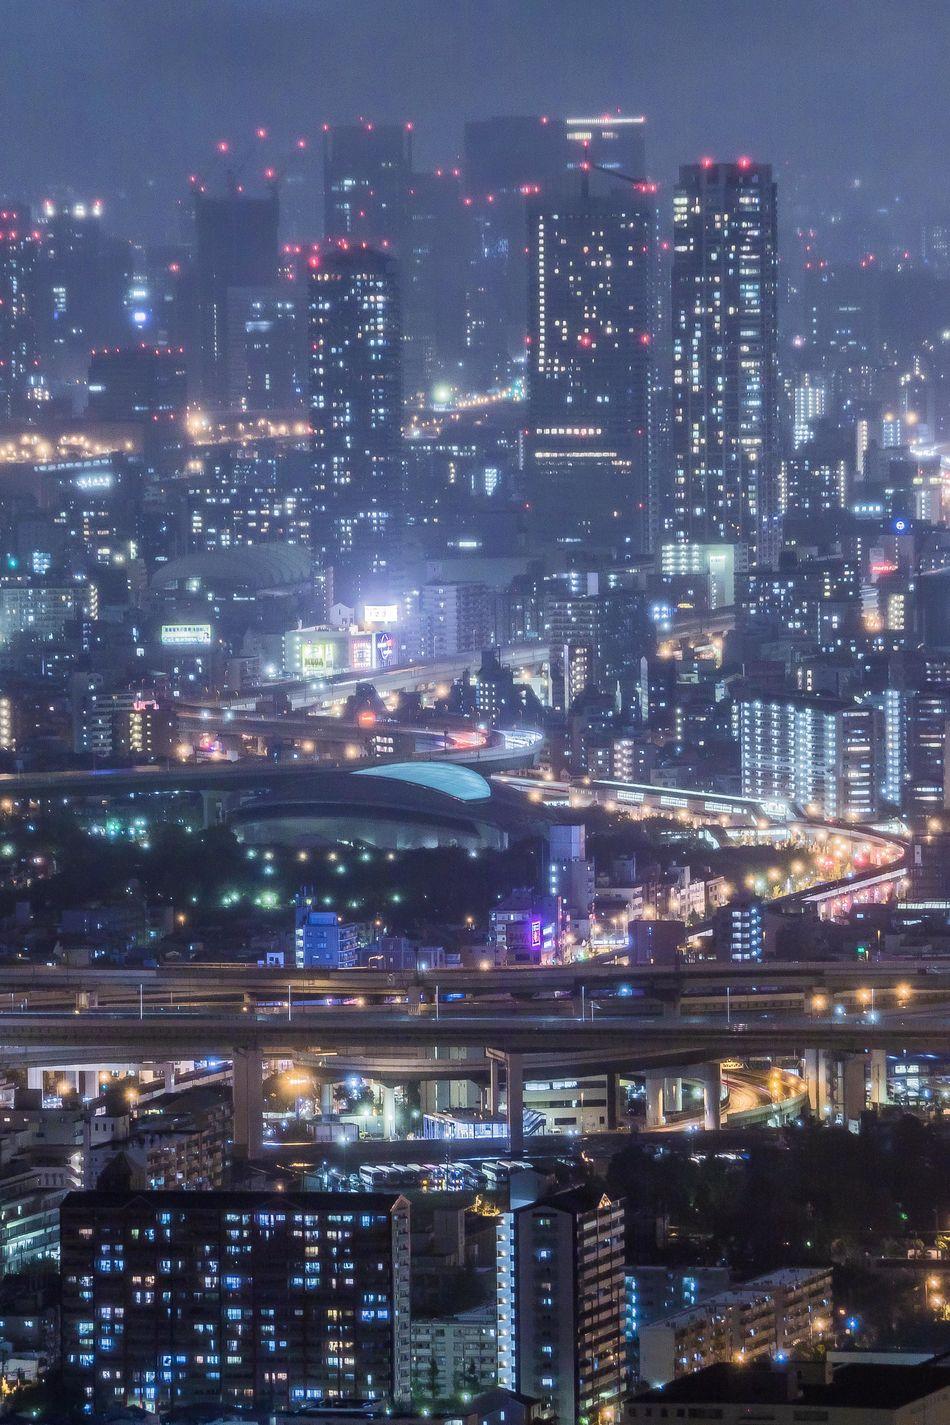 大阪弁天町インターチェンジ付近 Osaka Night View OSAKA From My Point Of View My Favourite Place Nightphotography Night Photography My Fevorite Place City Life Light Tail Light And Shadow The City Light Welcome To Black